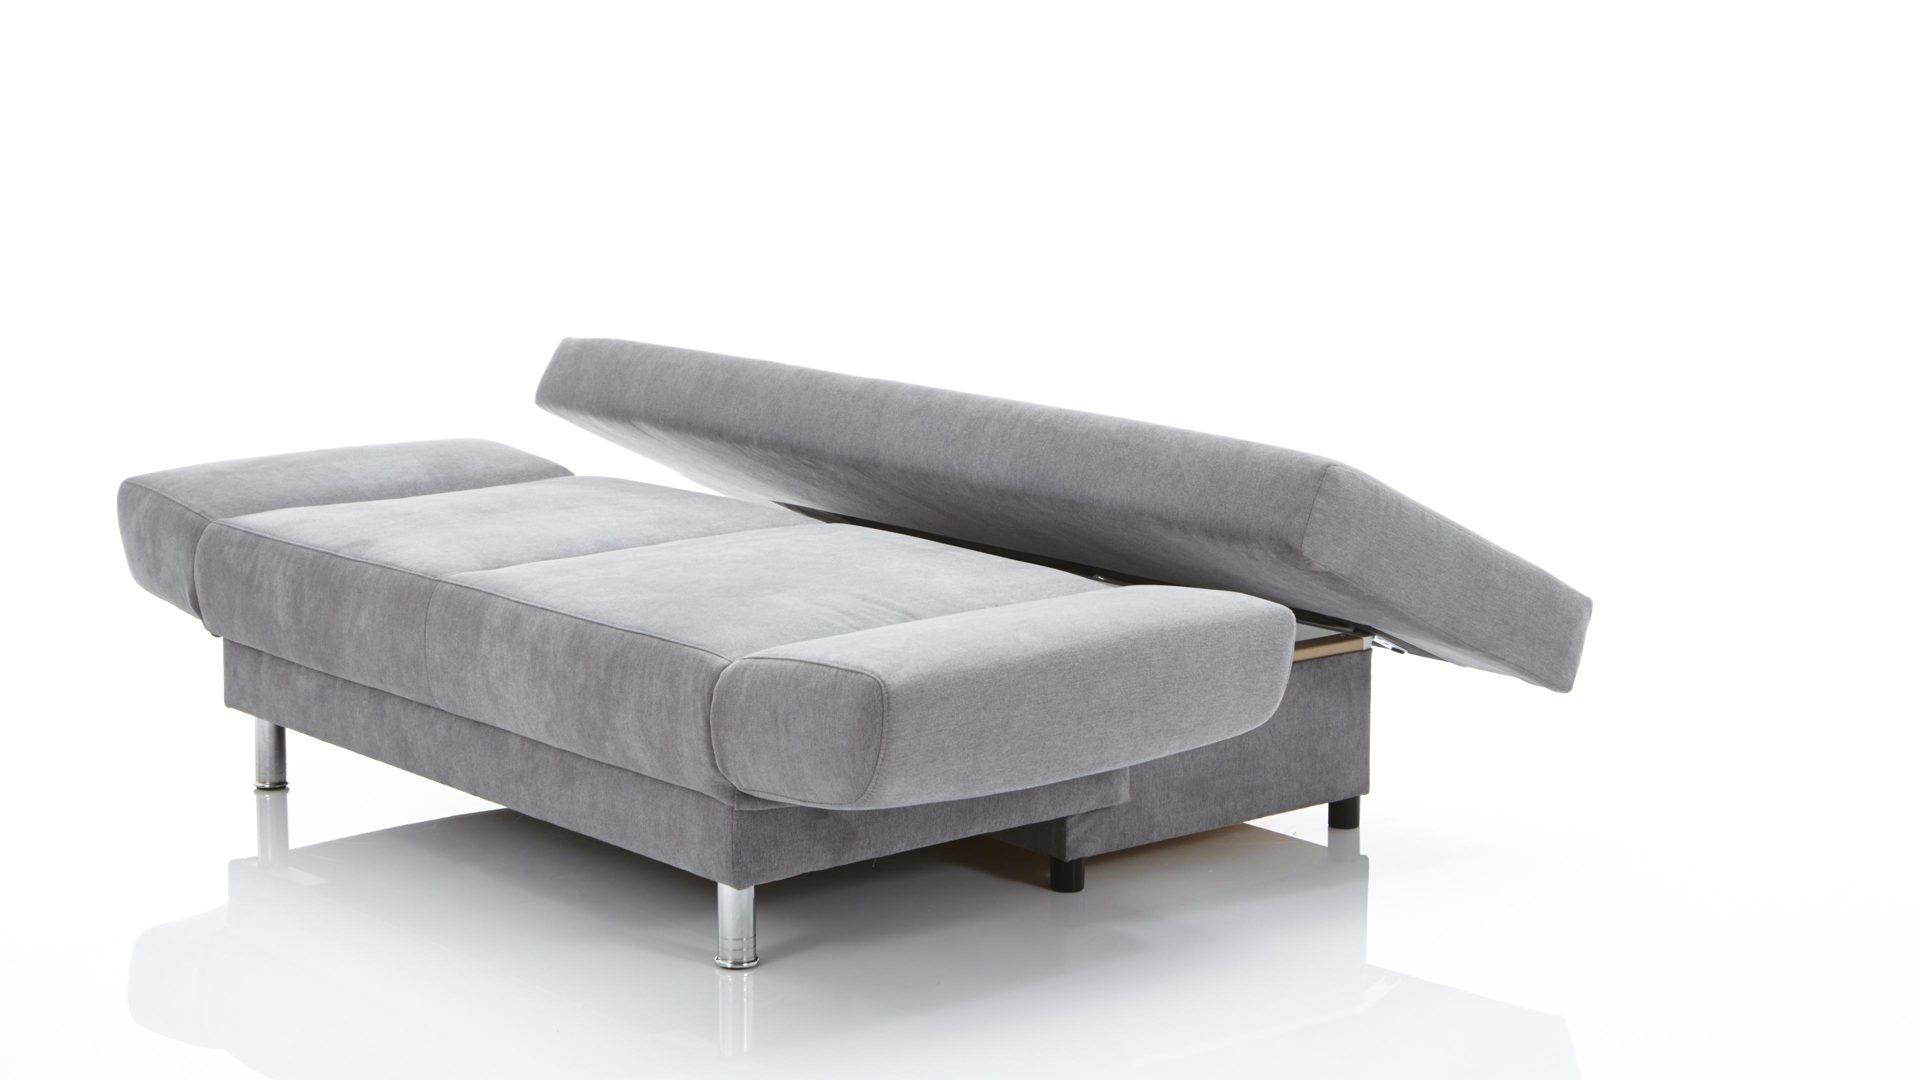 Schlafcouch mit bettkasten günstig kaufen  Trop Möbelabholmarkt GmbH | Möbel A-Z | Couches + Sofas ...